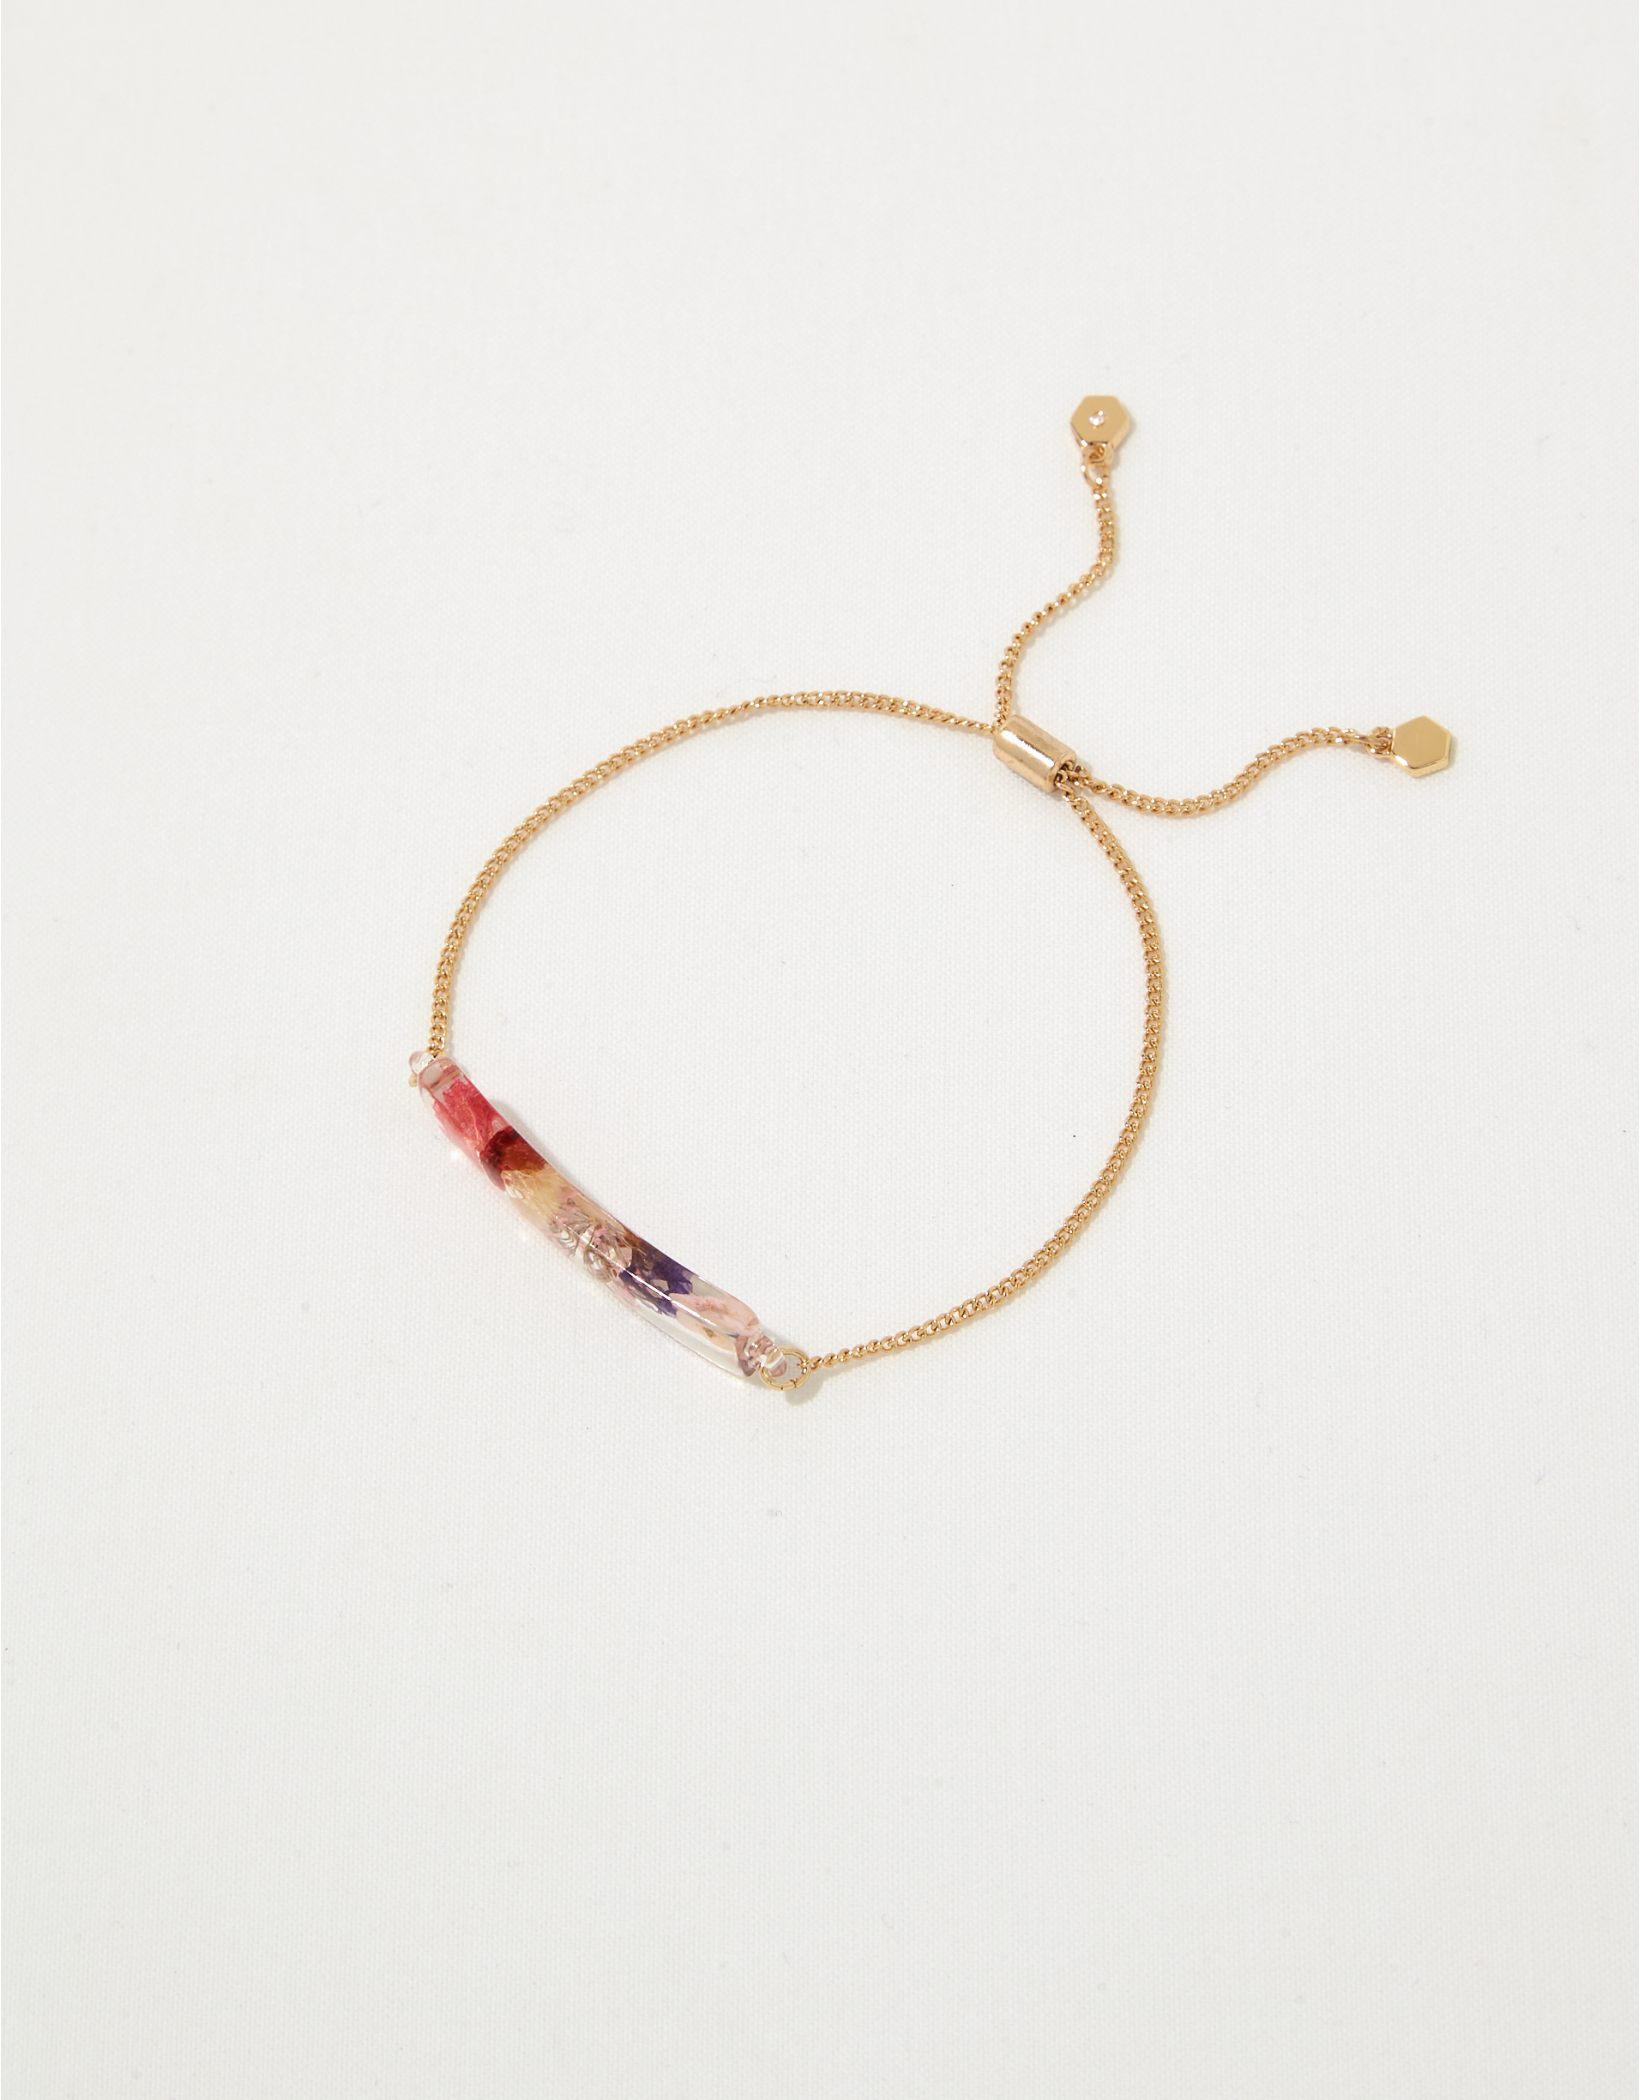 Aerie Resin Plated Bracelet